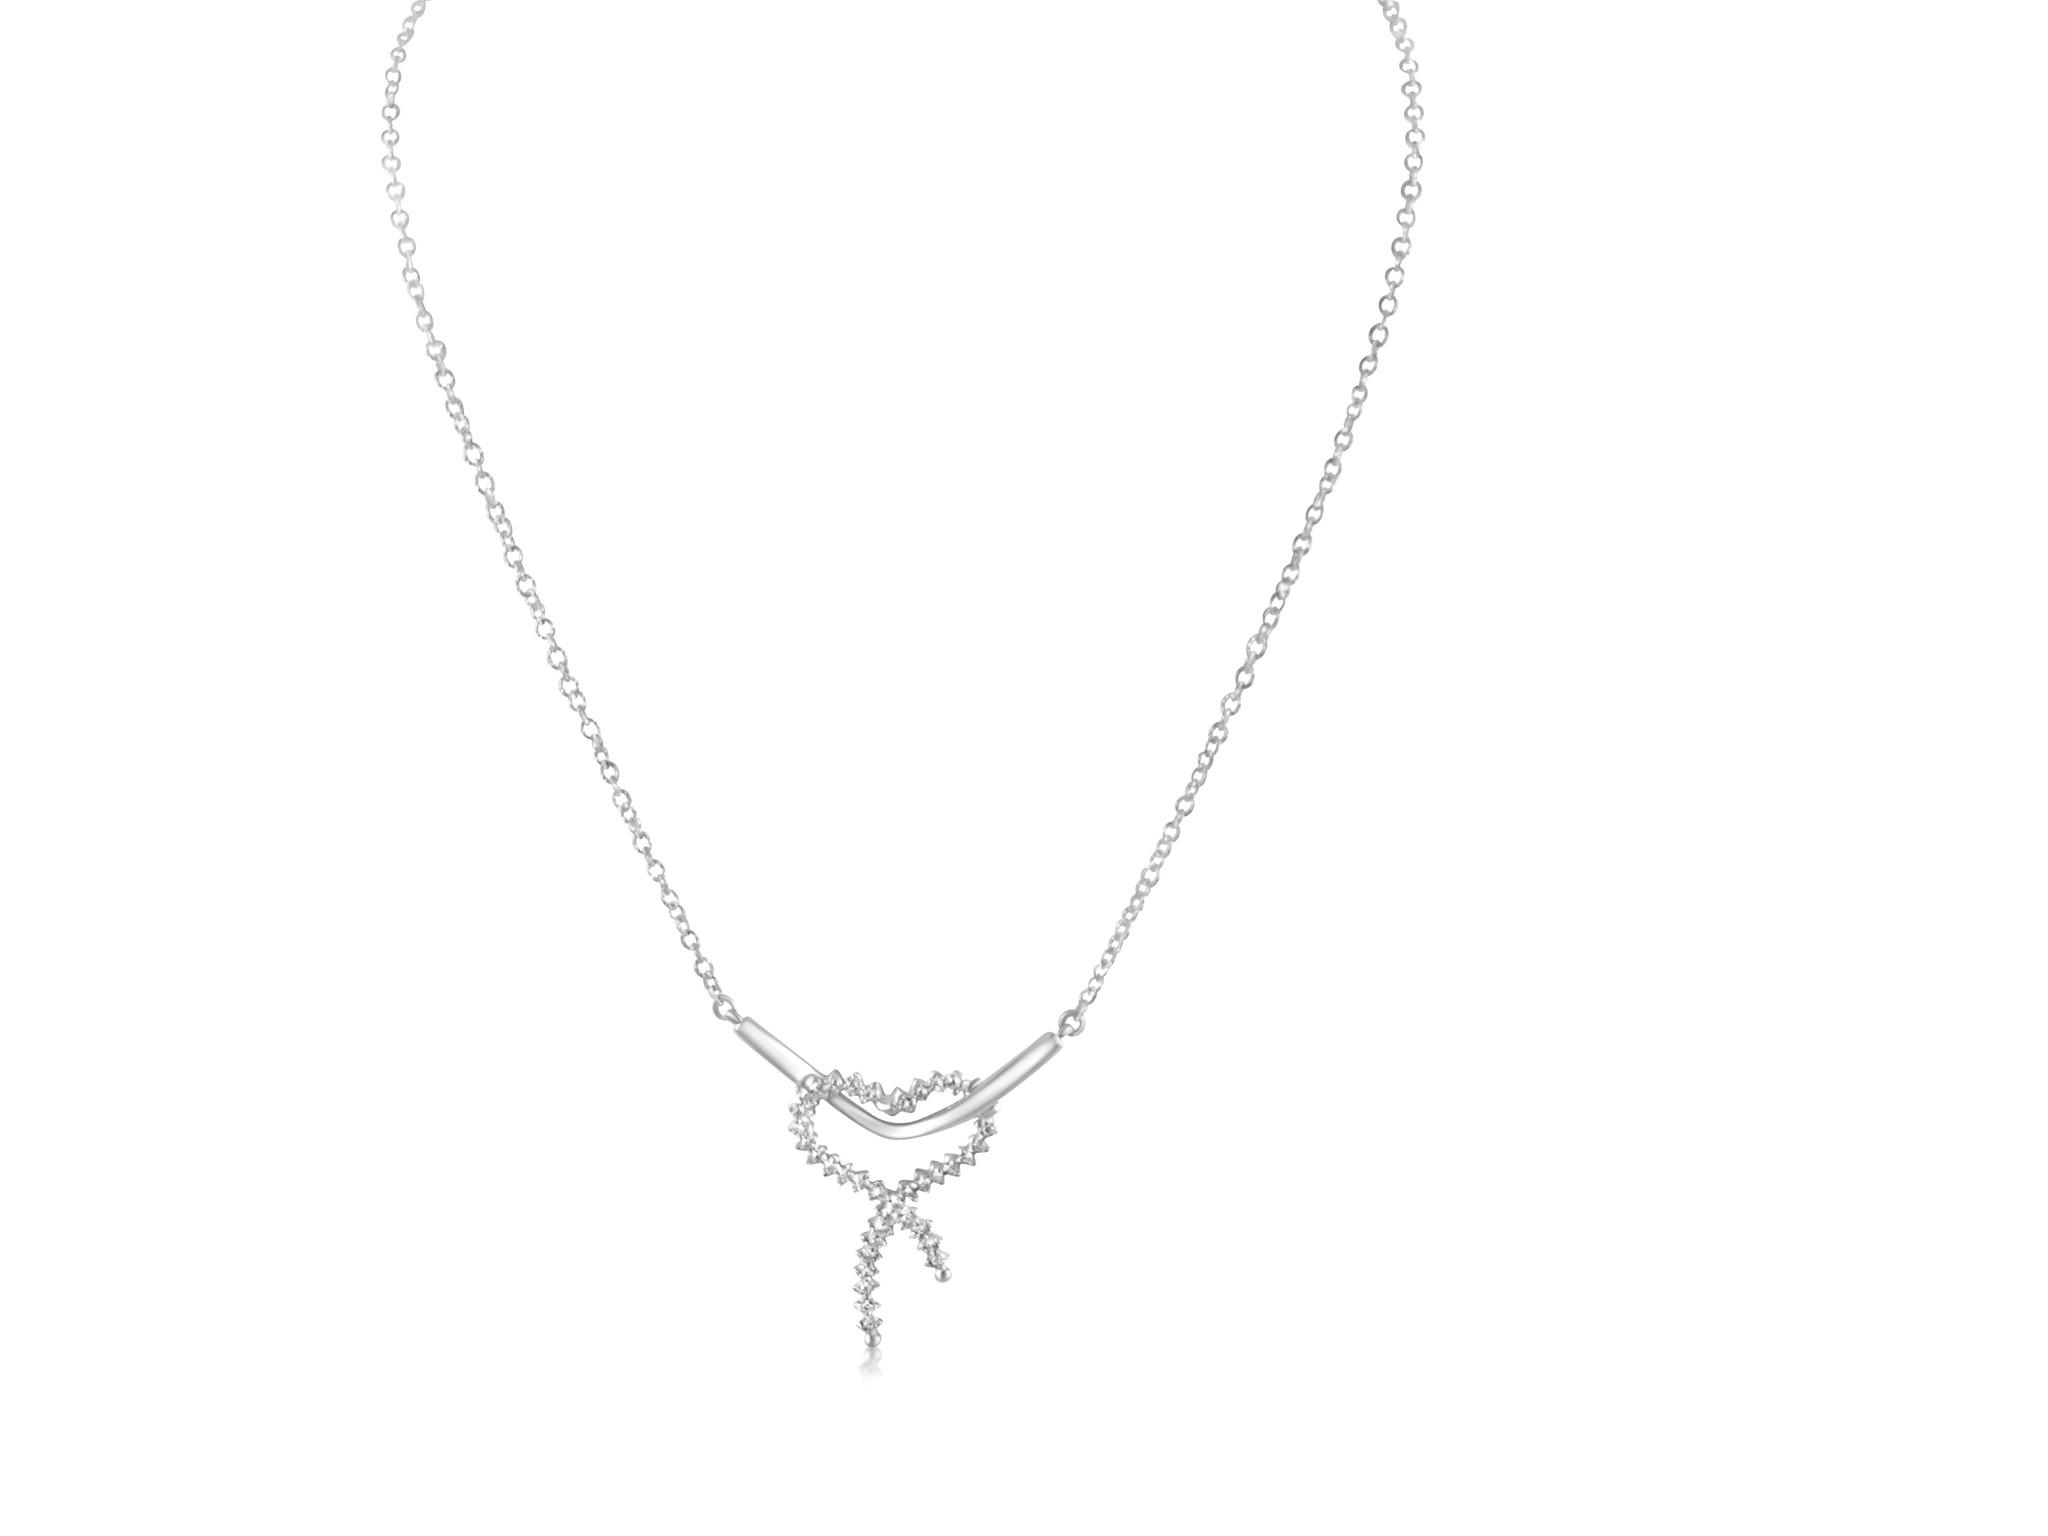 18 karaat wit goud ketting met hanger met zirkonia